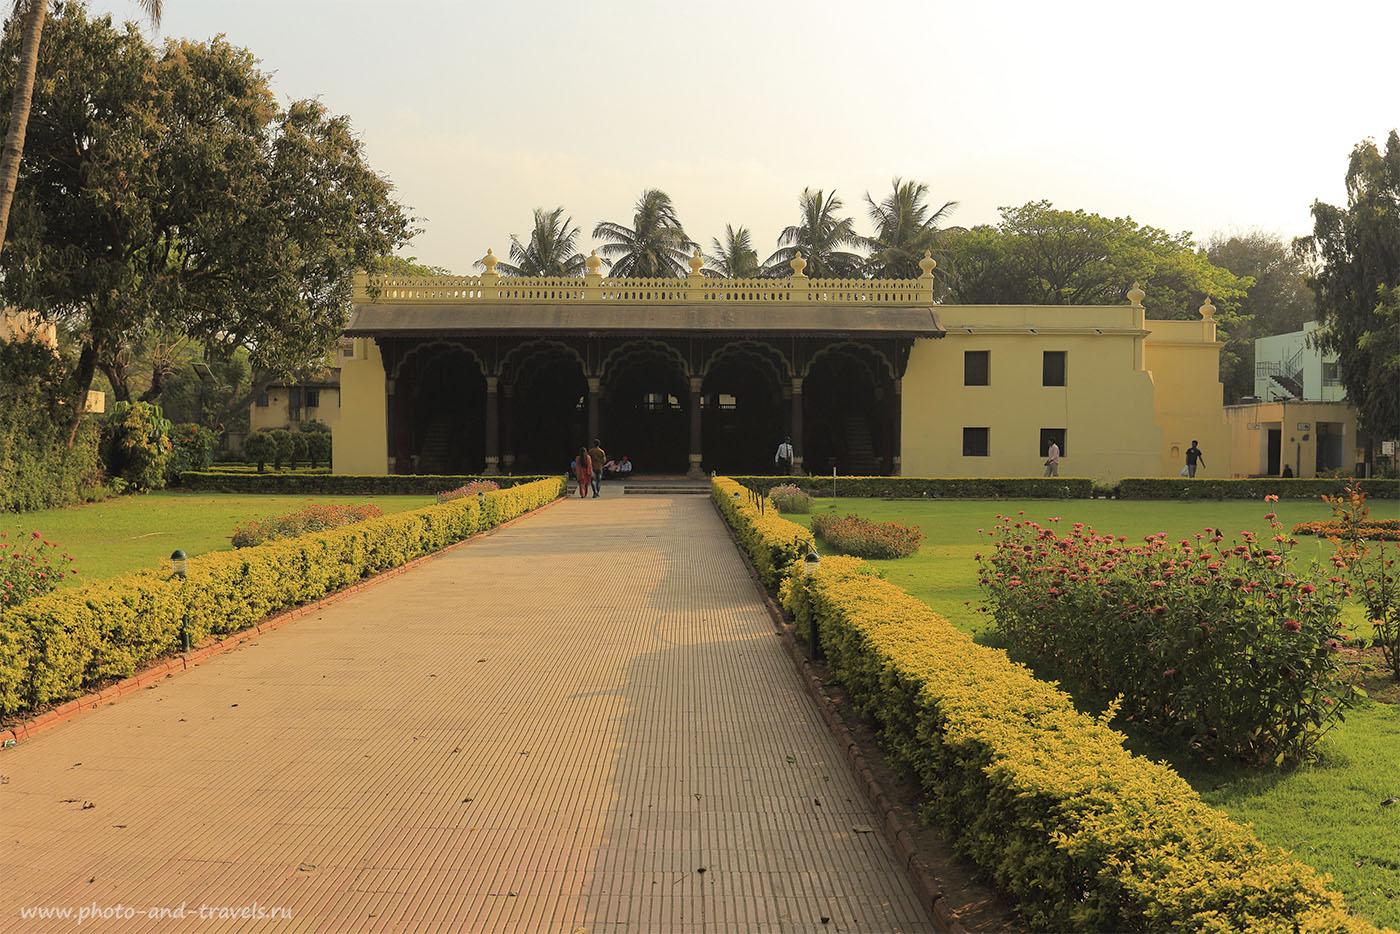 Фото 12. Летний дворец Типу Султана (Tipu Sultan's Summer Palace) в Бангалоре. Отзывы об экскурсиях во время путешествия по Индии